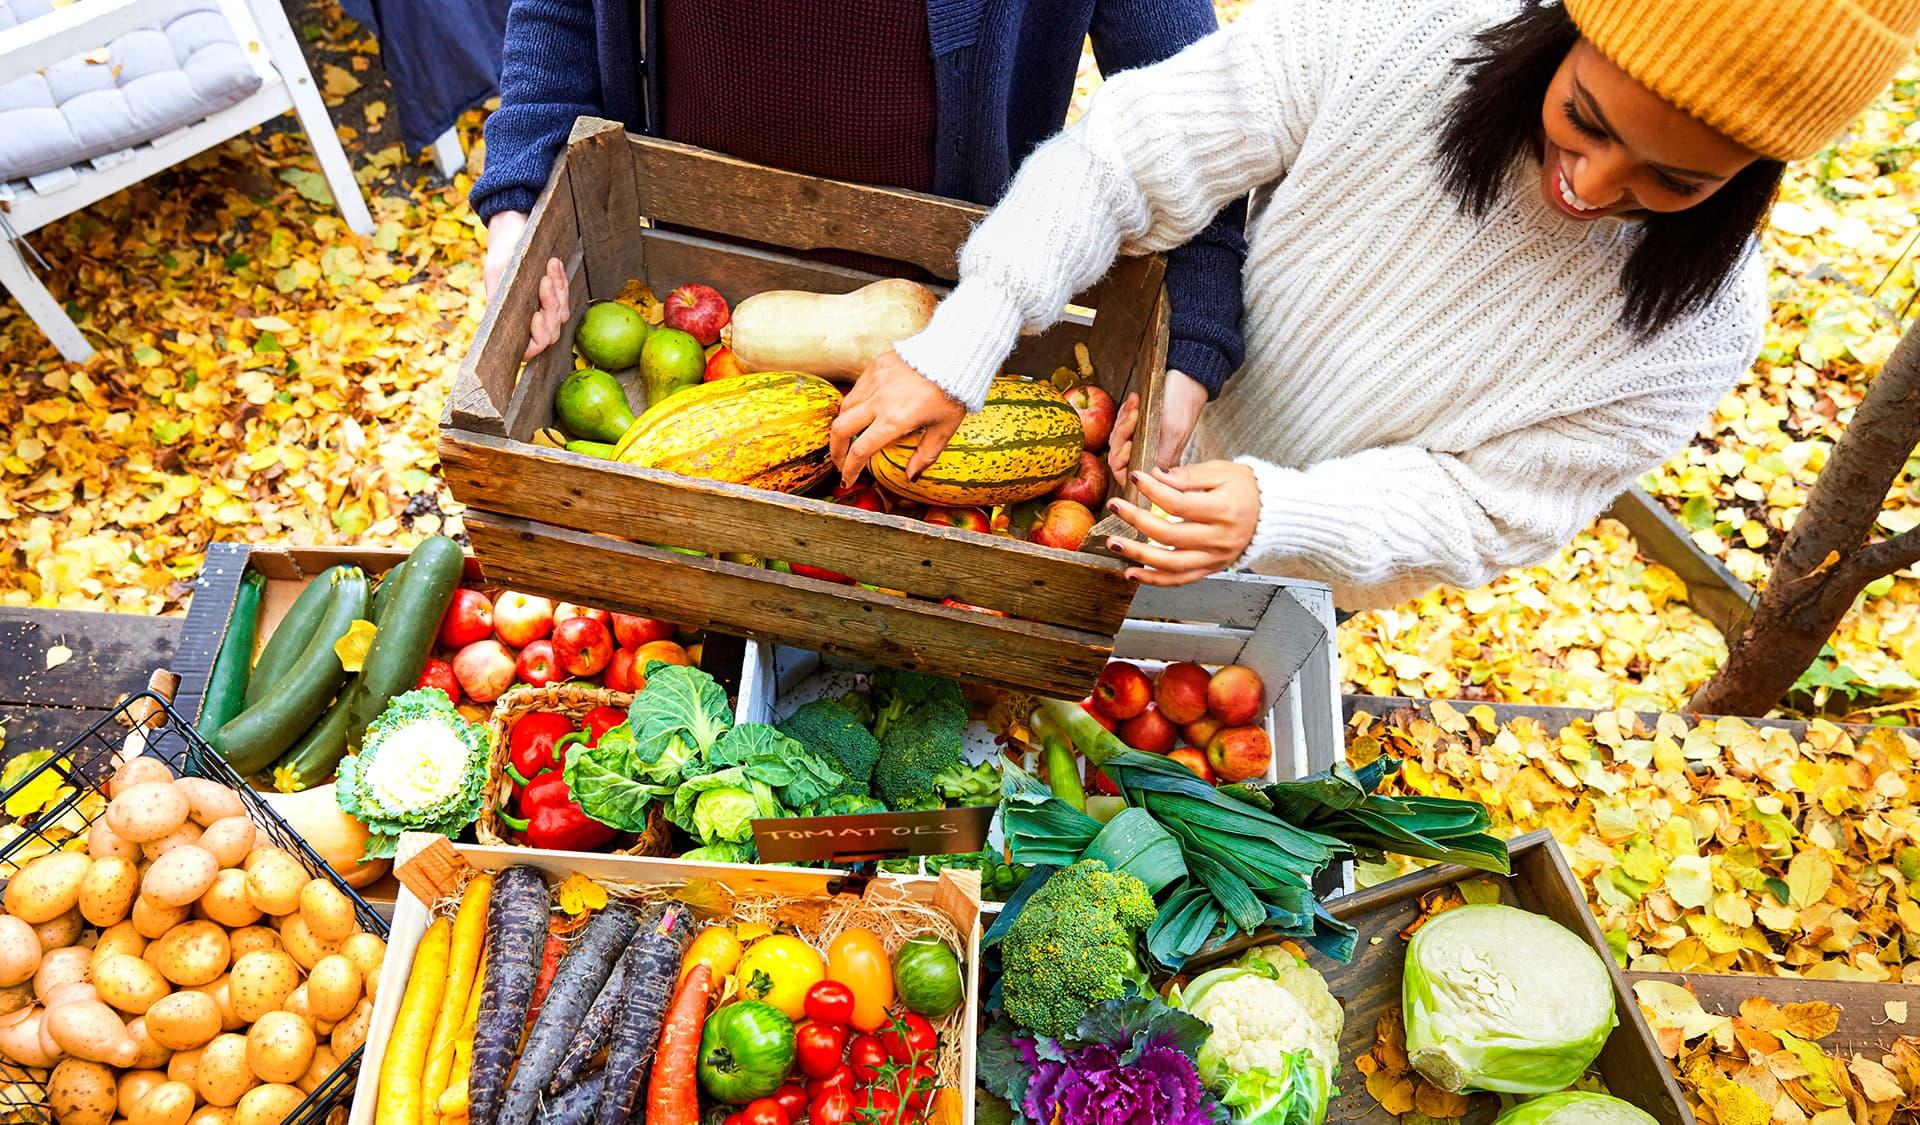 Eine Frau packt Obst und Gemüse in eine Holzkiste